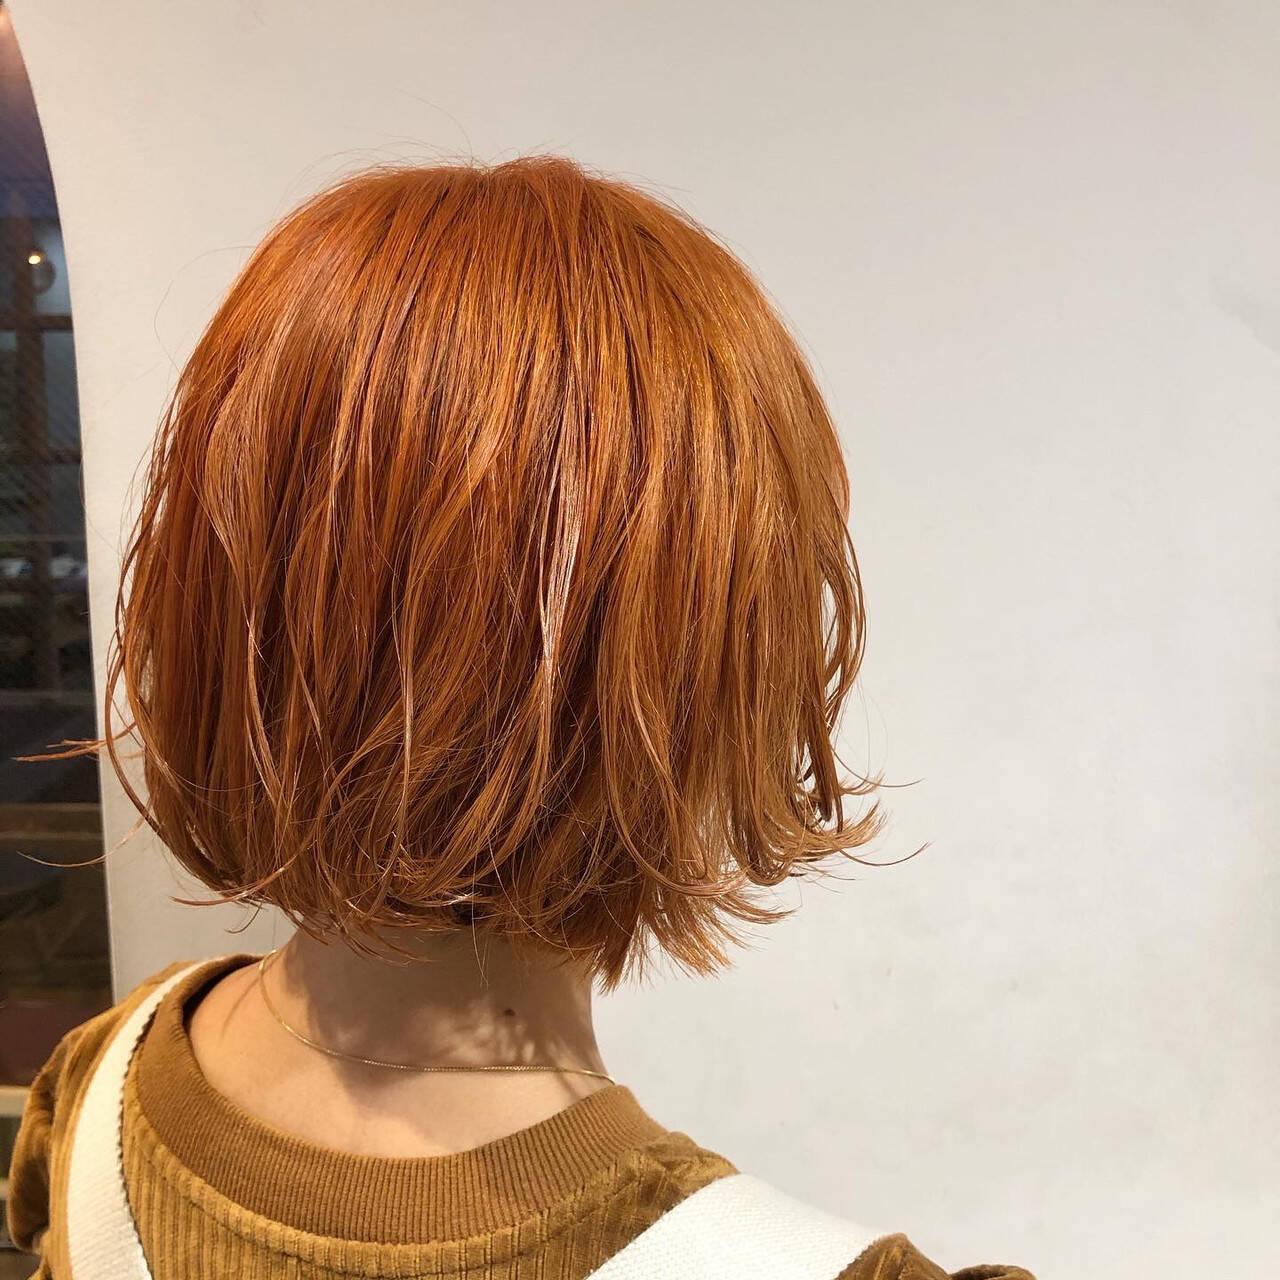 ブリーチオンカラー アプリコットオレンジ ブリーチカラー ボブヘアスタイルや髪型の写真・画像